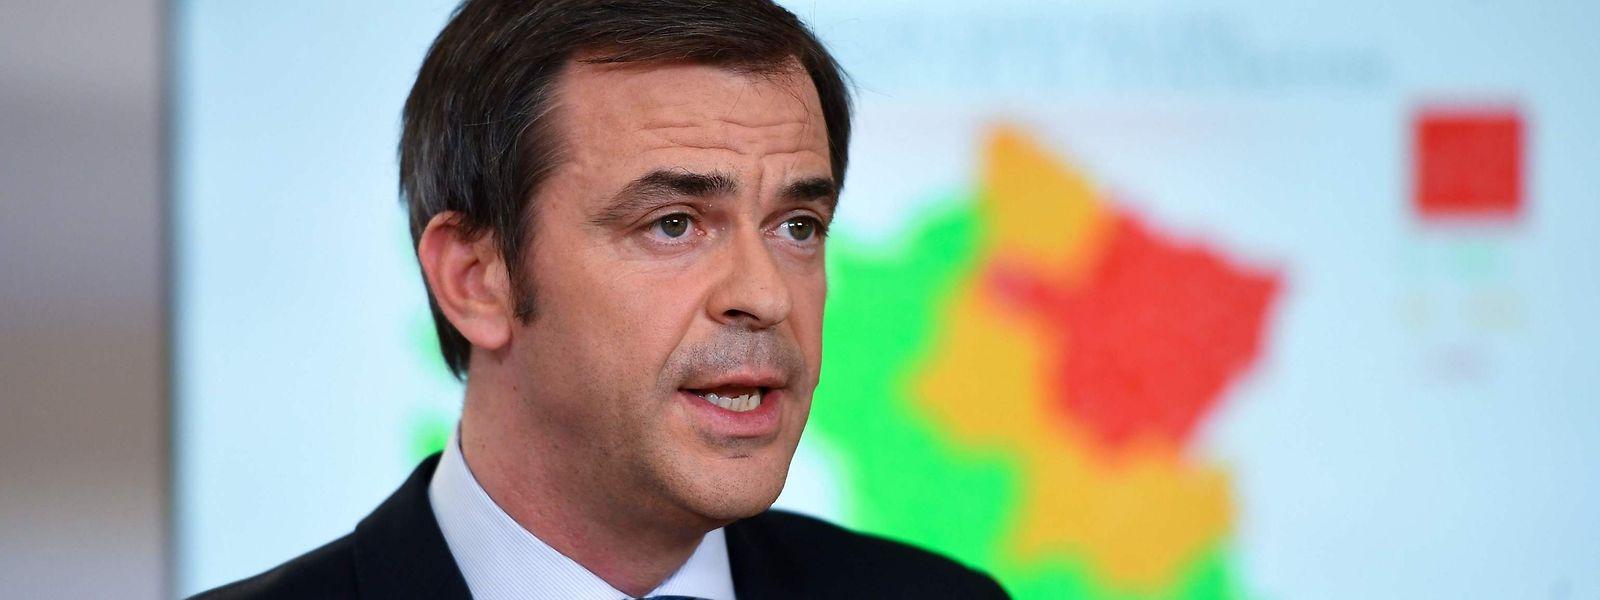 Olivier Véran, ministre de la Santé français, a annoncé que les Ehpad accueillant des seniors resteraient confinés.